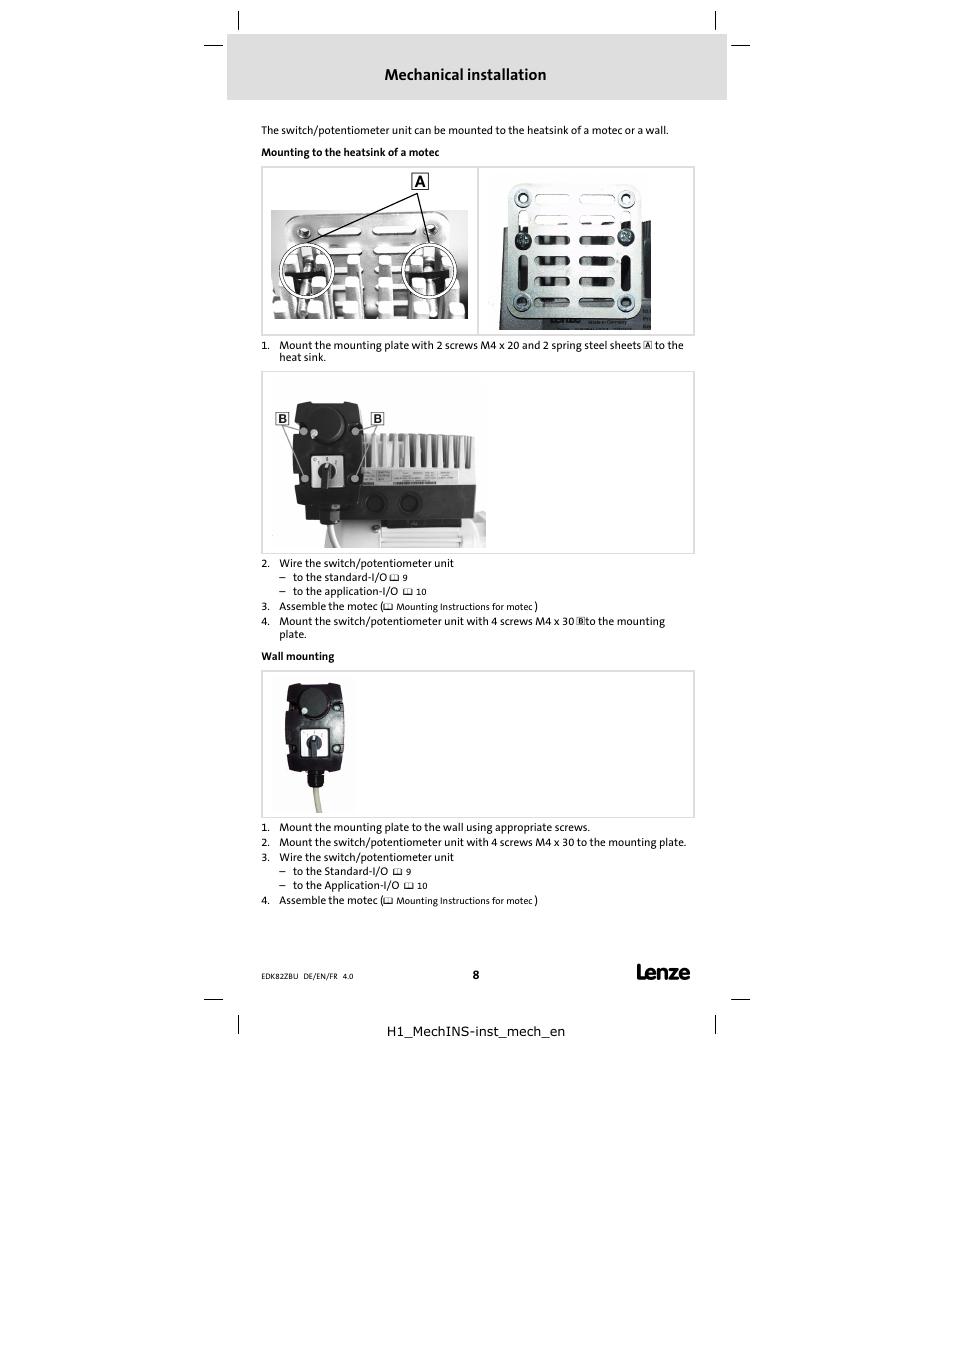 mechanical installation lenze e82zbu user manual page 8 18 rh manualsdir com